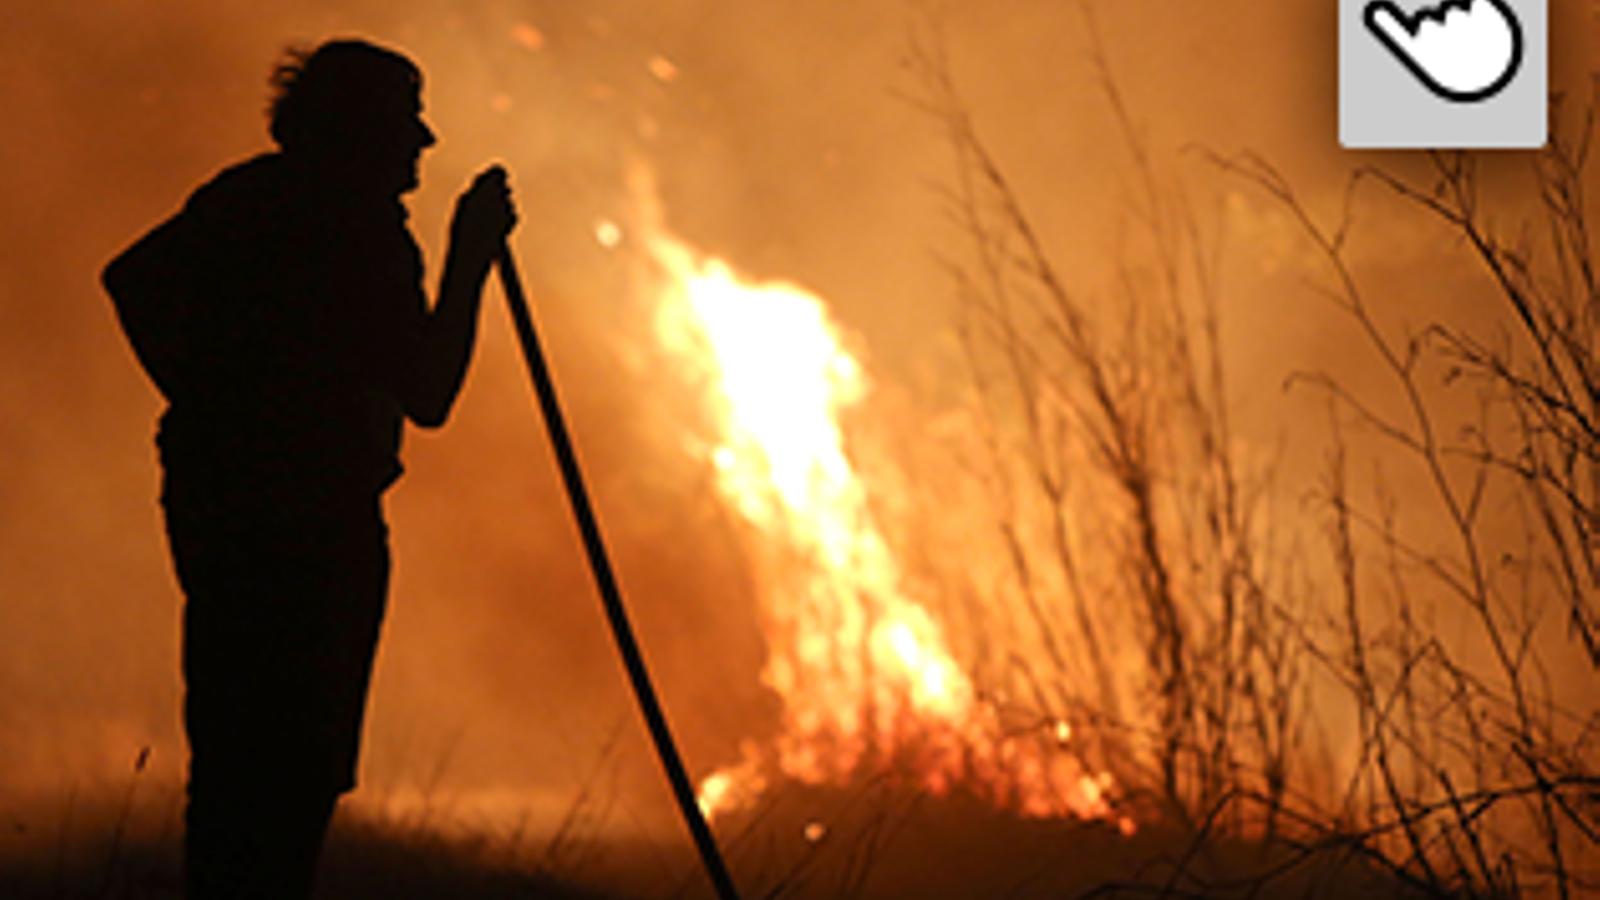 incendis forestals